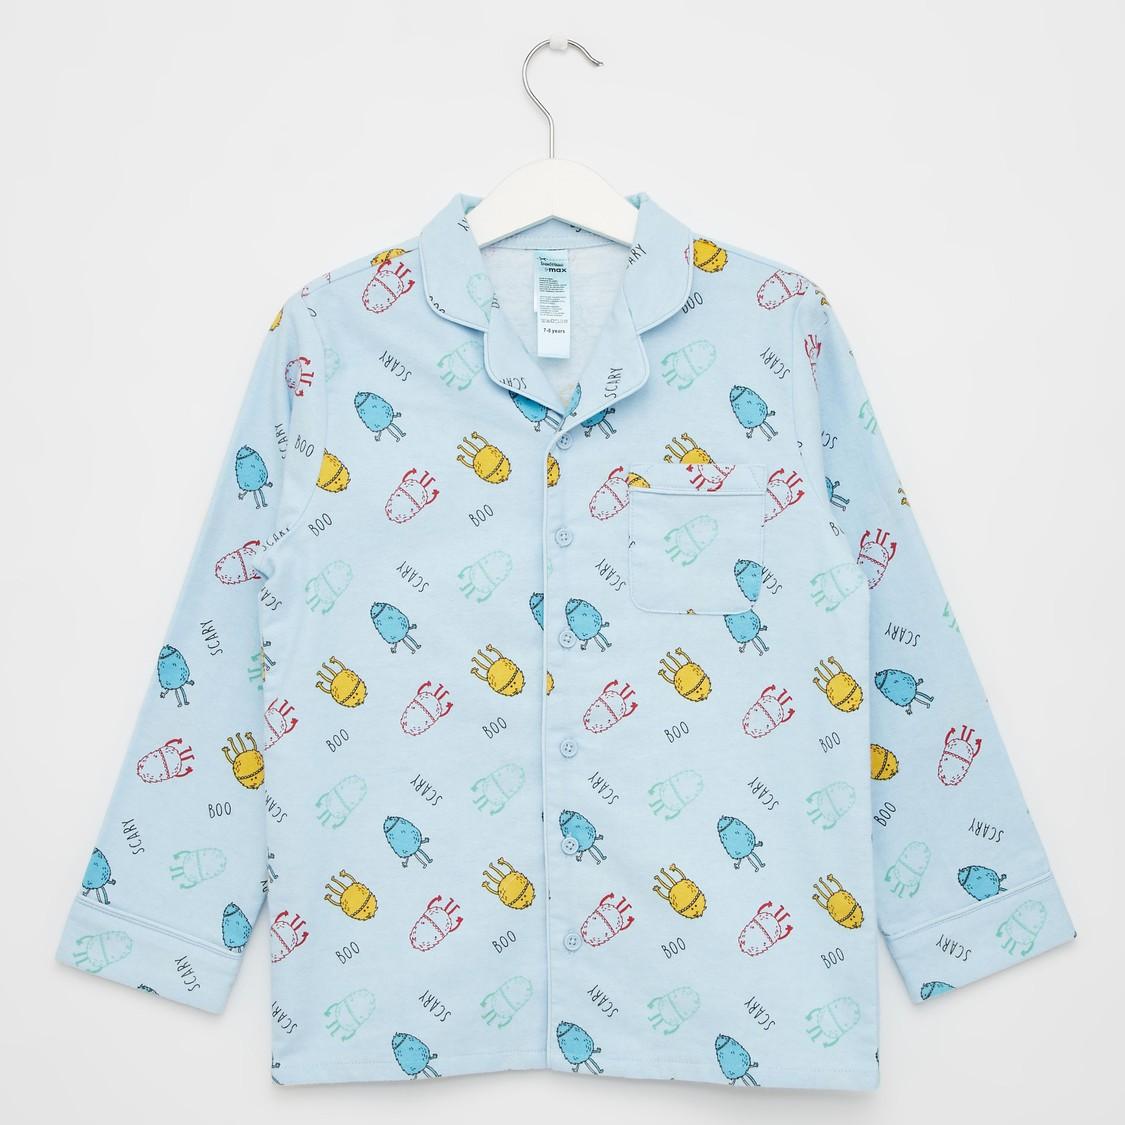 طقم بنطلون بيجاما وقميص بياقة عادية وطبعات - تشكيلة كوزي